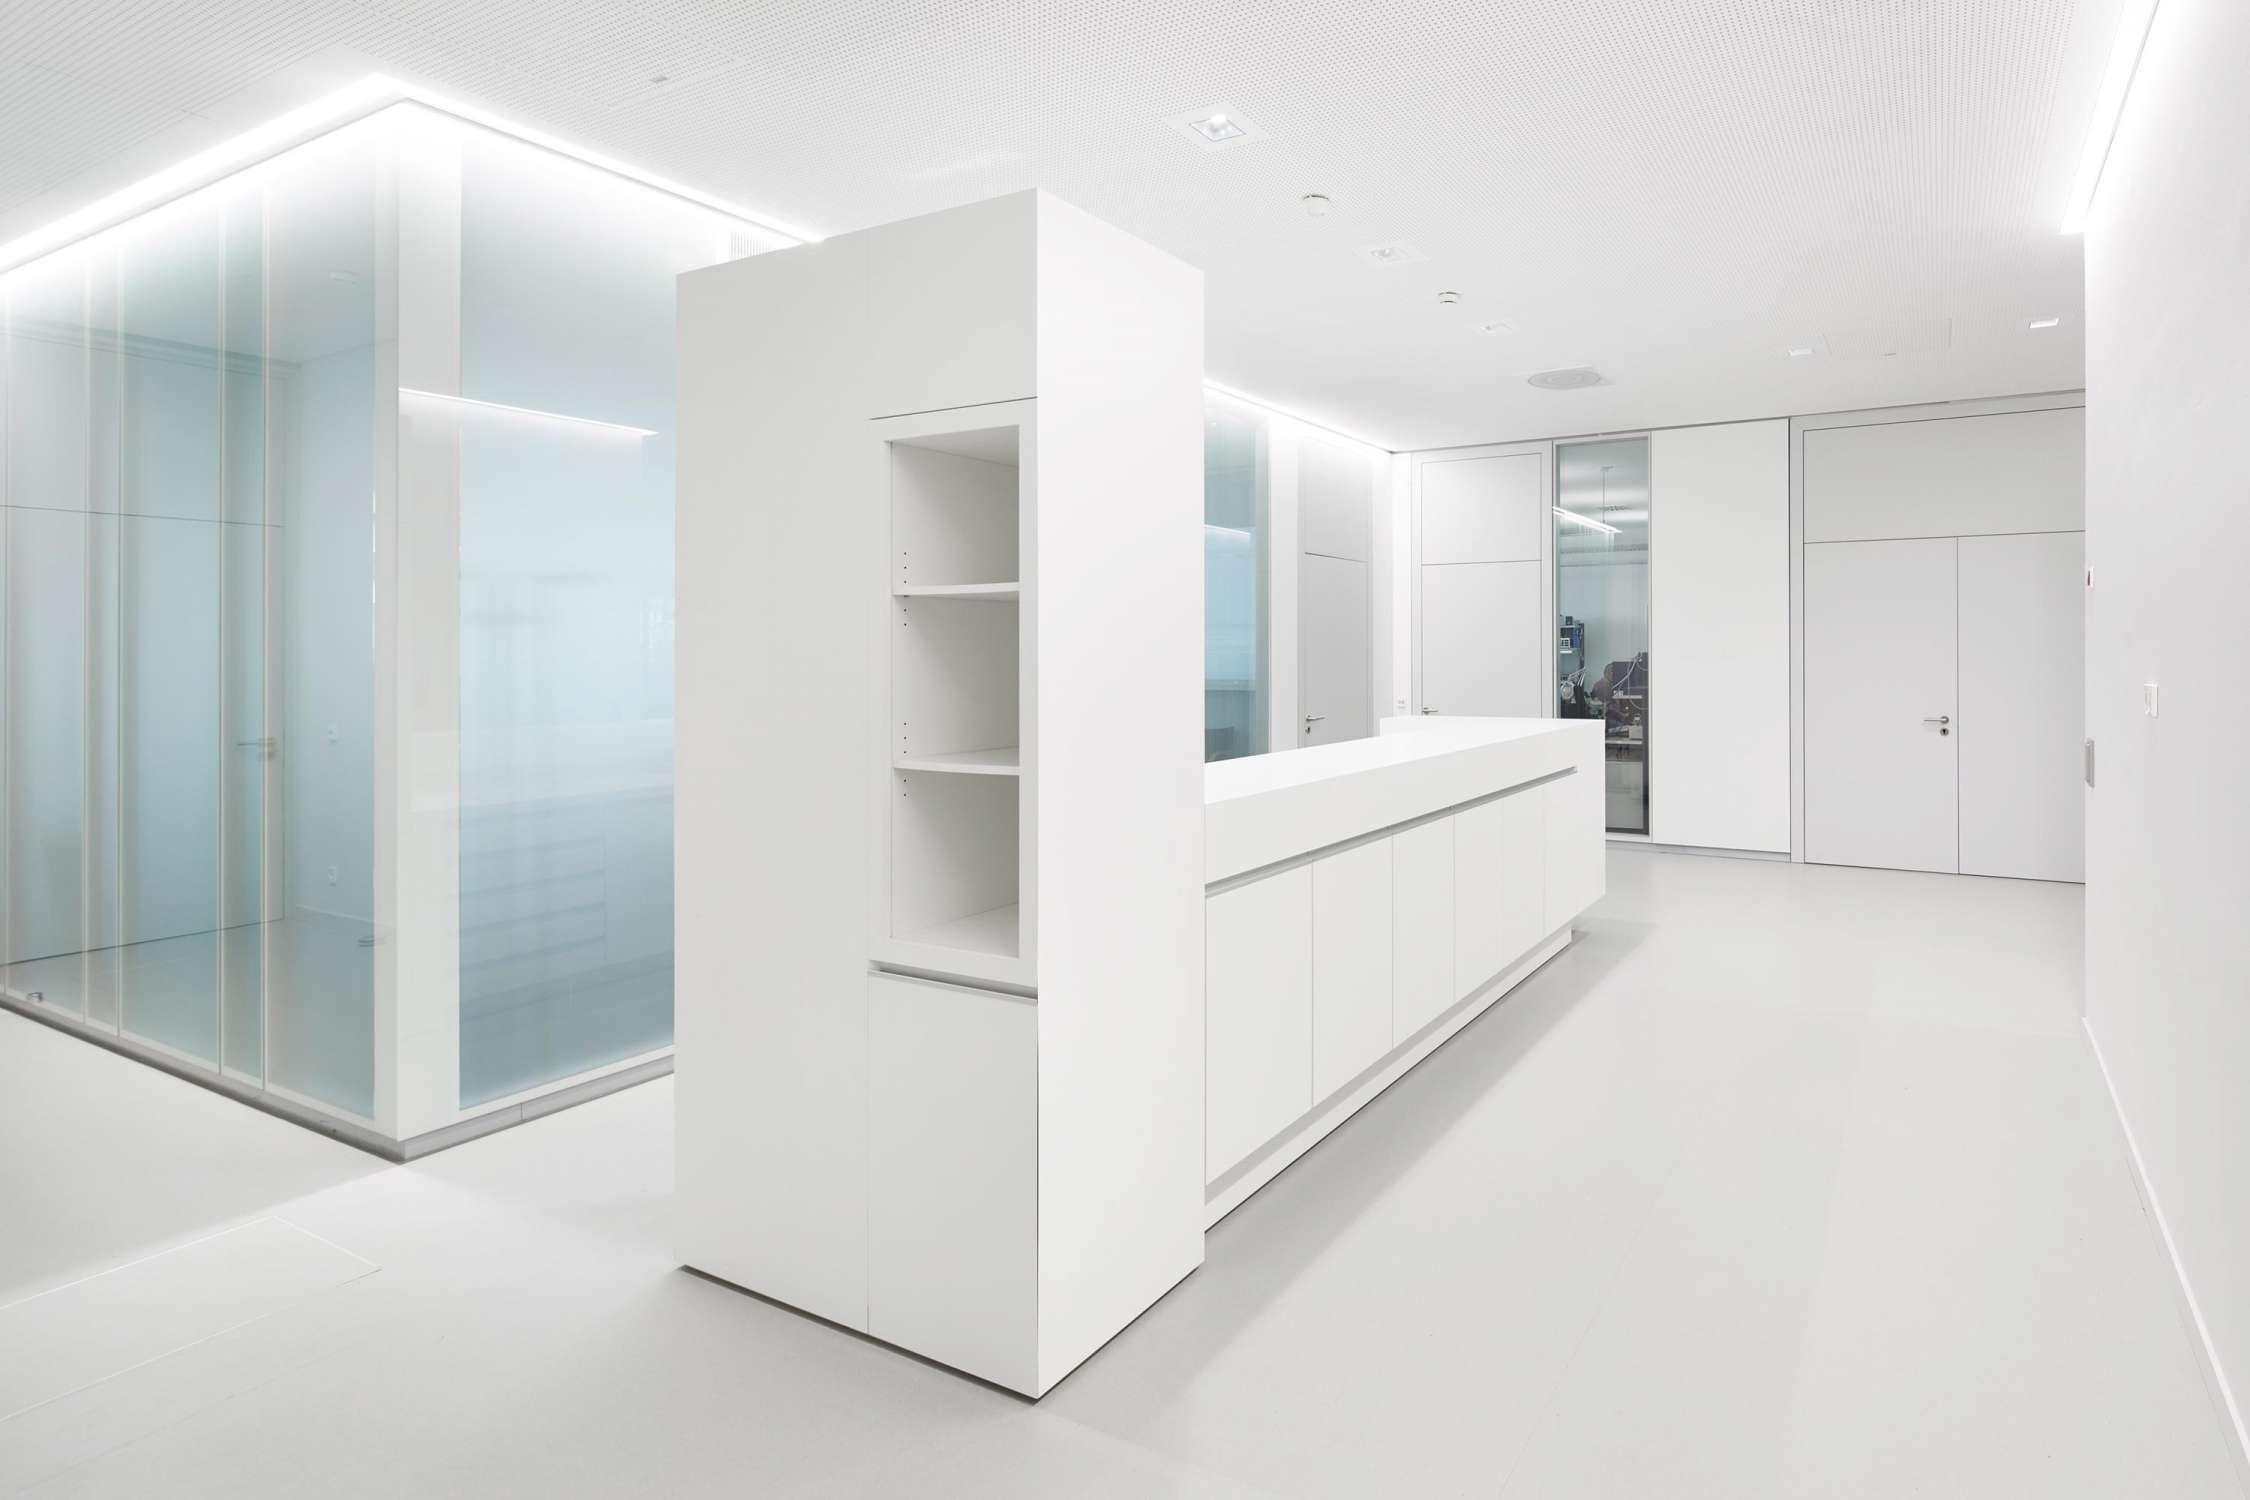 Umbau und energetische Sanierung Verwaltungsgebäude (7)